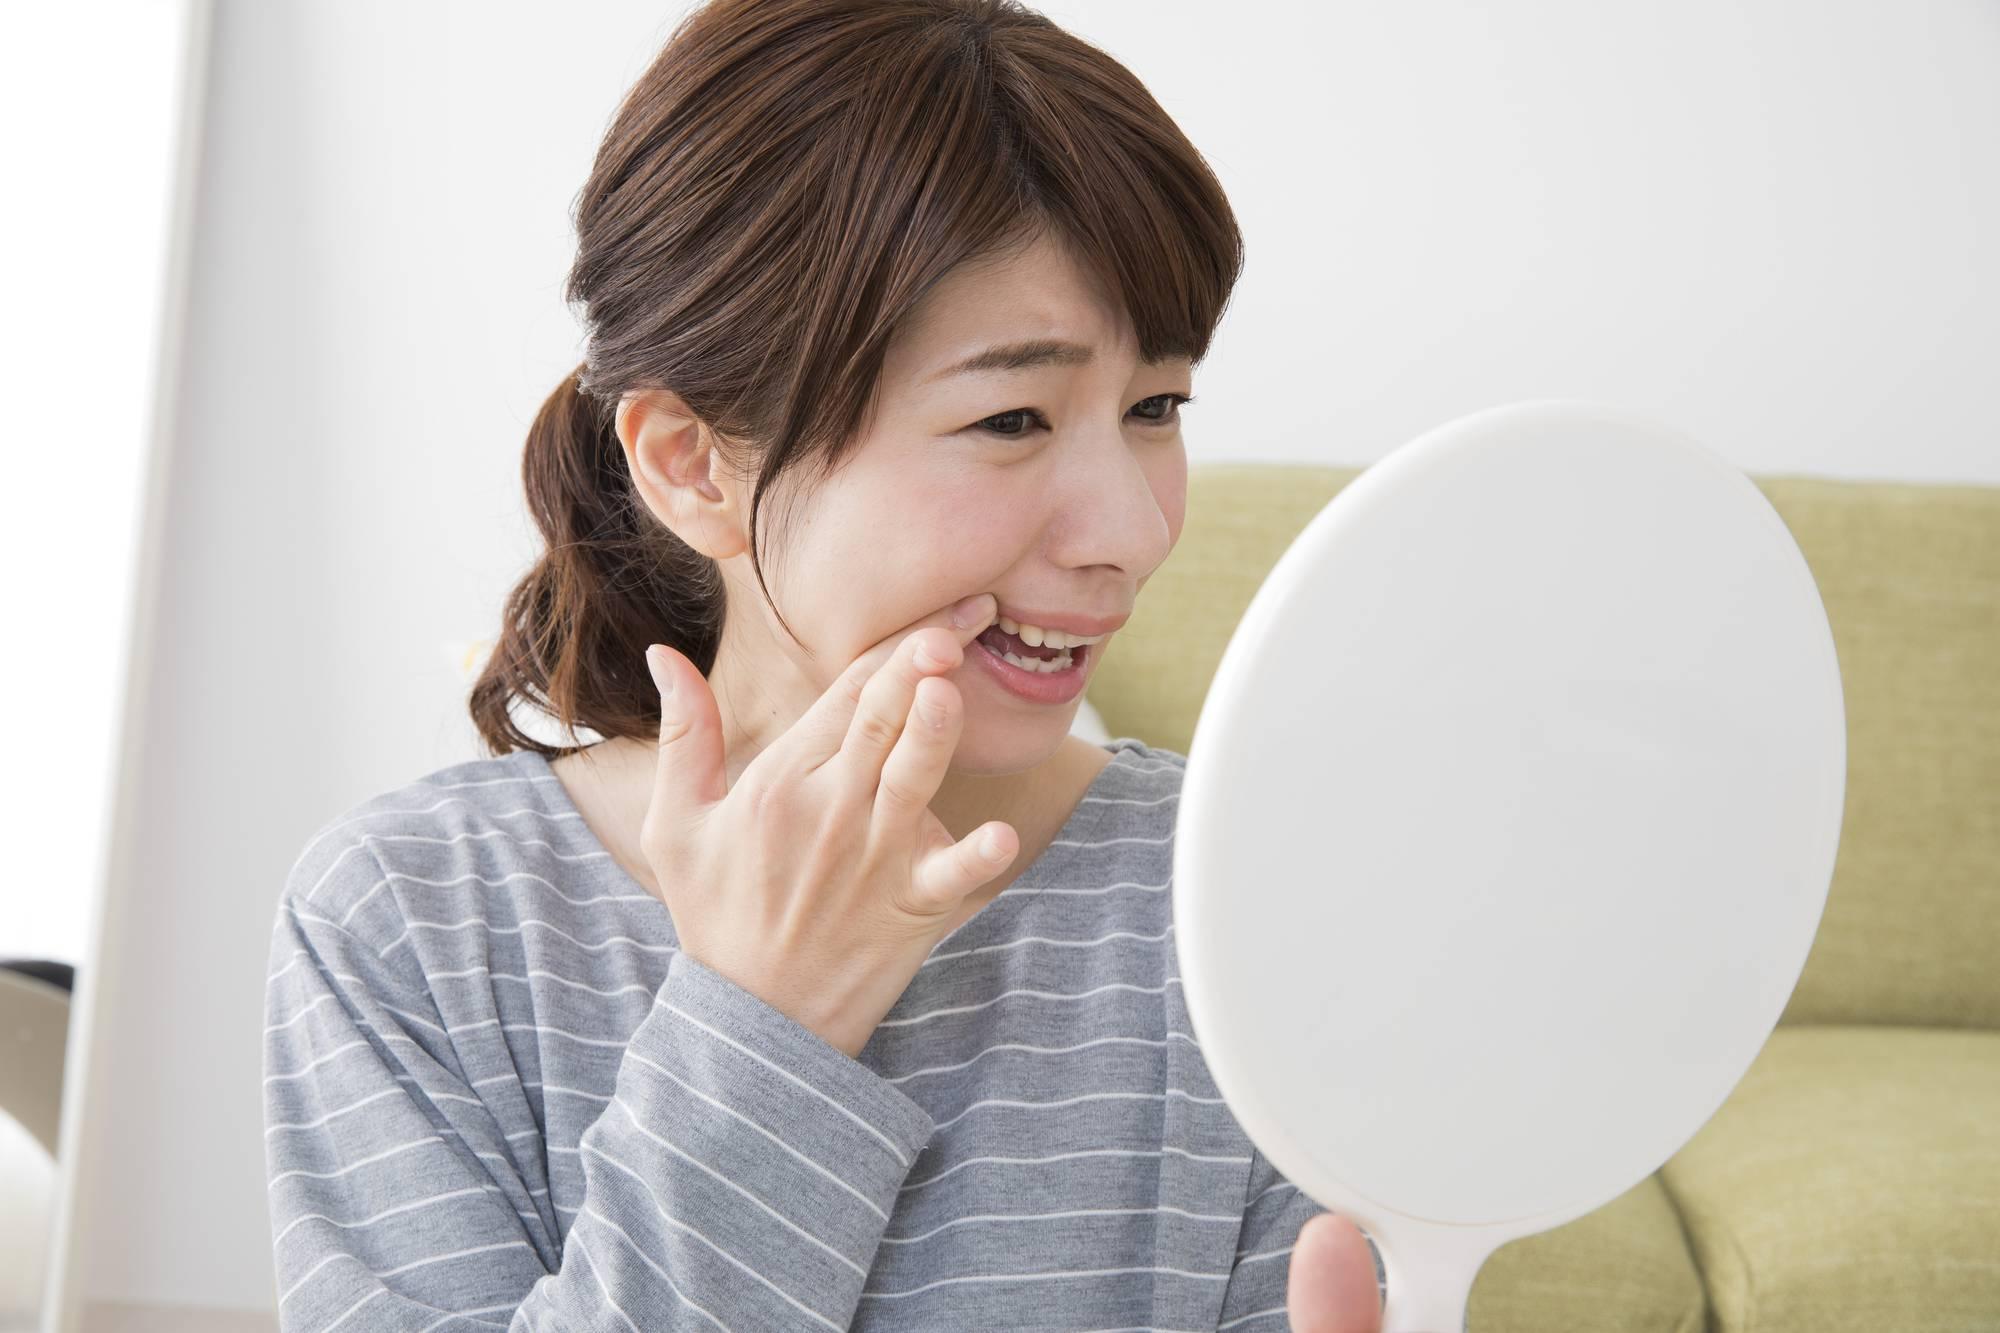 歯茎のできものを気にする女性